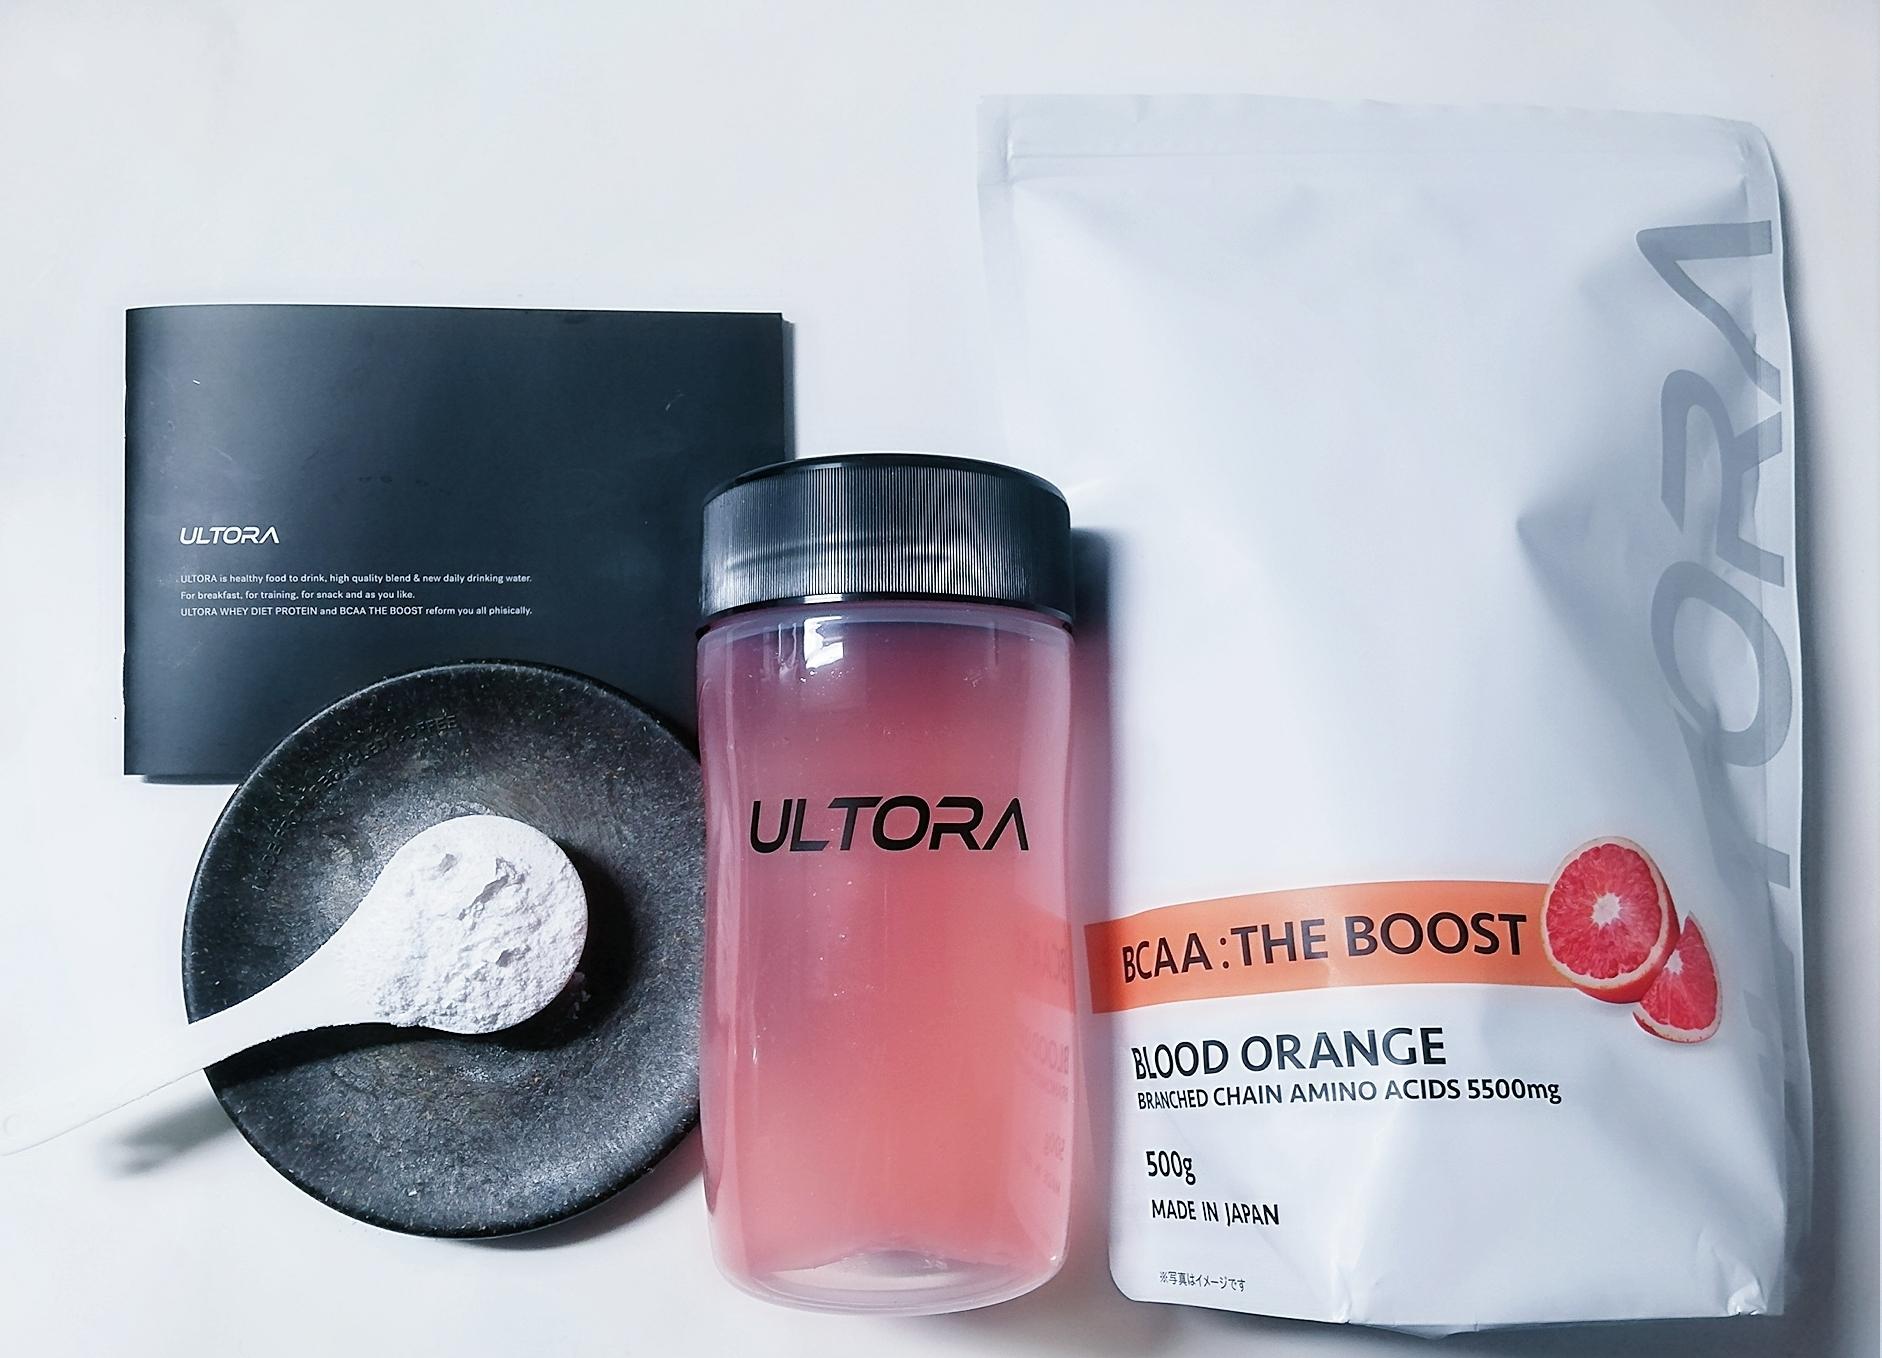 痩せやすいカラダ作りをサポート!!話題の【ULTORA BCAA THE BOOST】はハードワークをしない女性にも必要なBCAAサプリメントでした